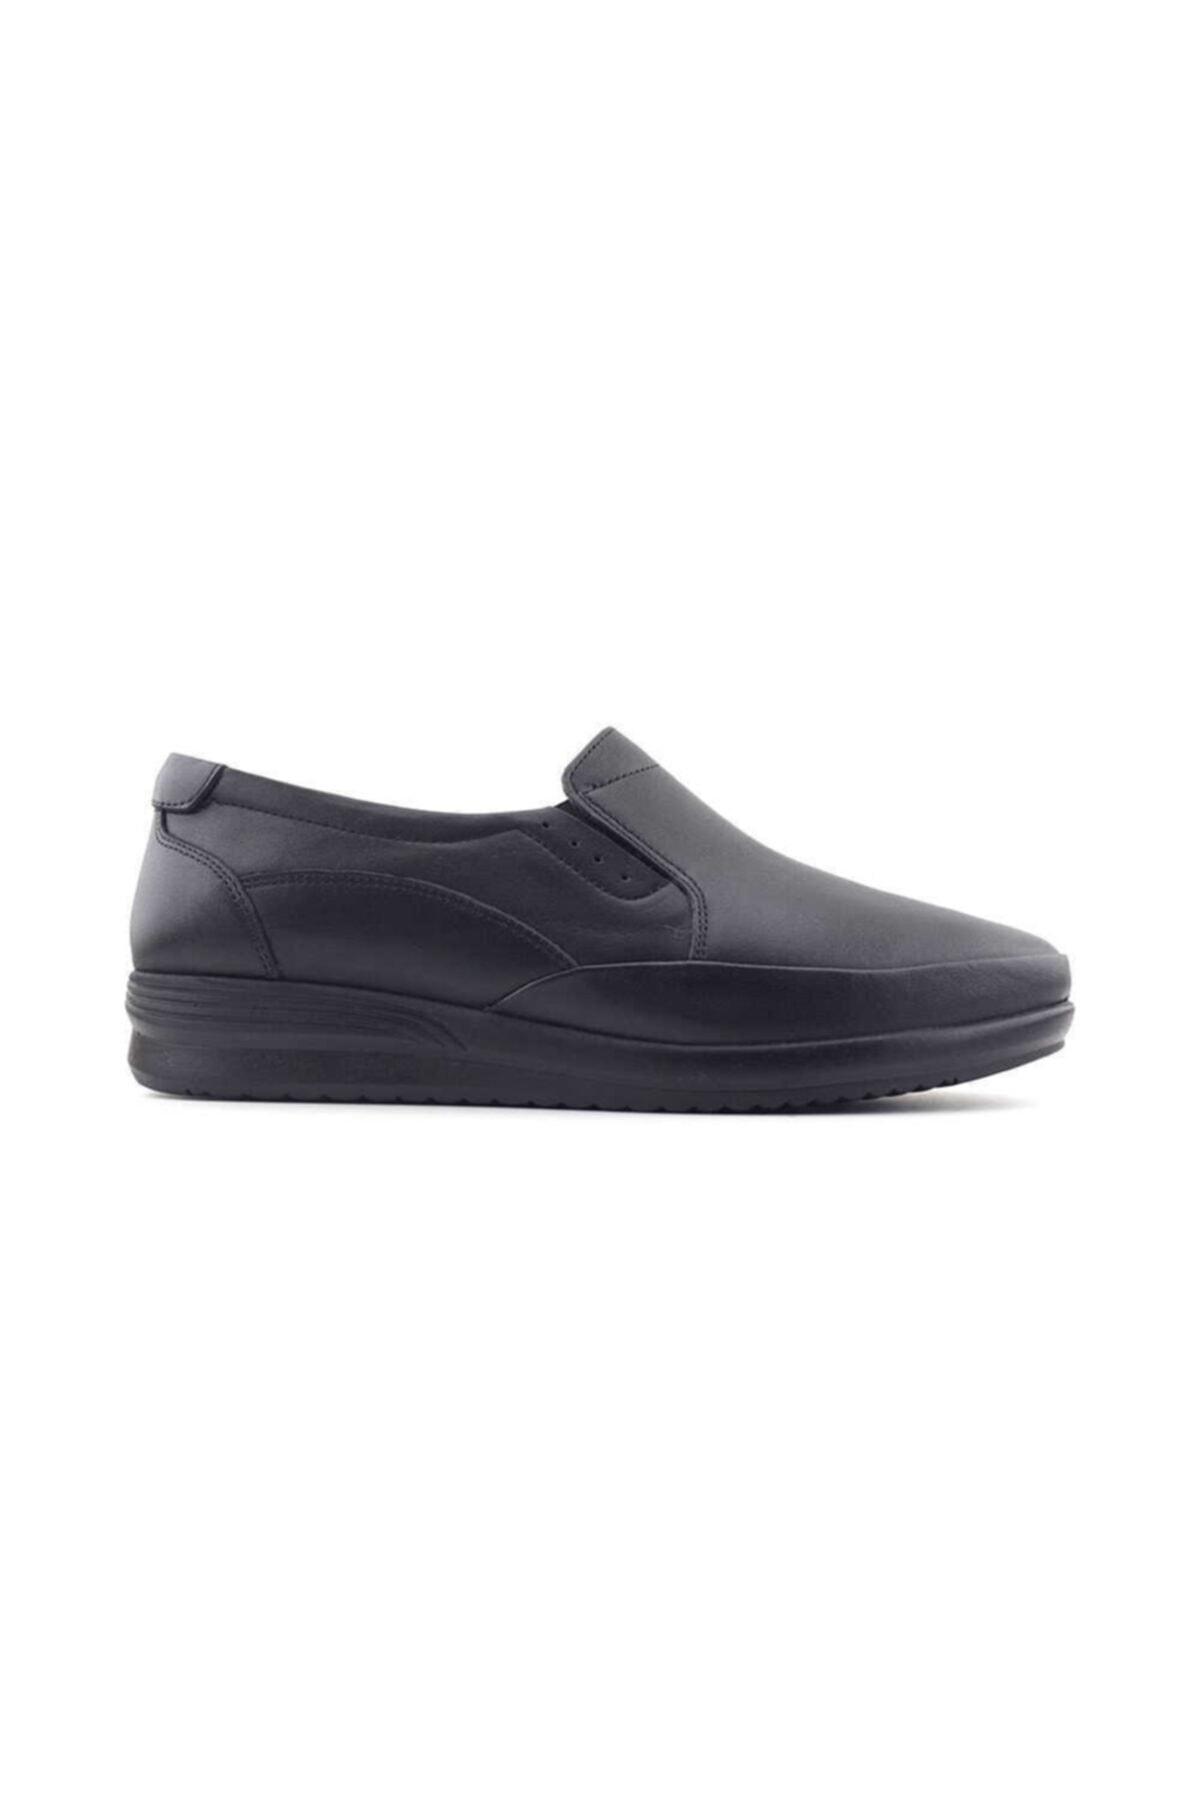 Kayra 04 Hakiki Deri Kadın Günlük Ayakkabı-siyah 1